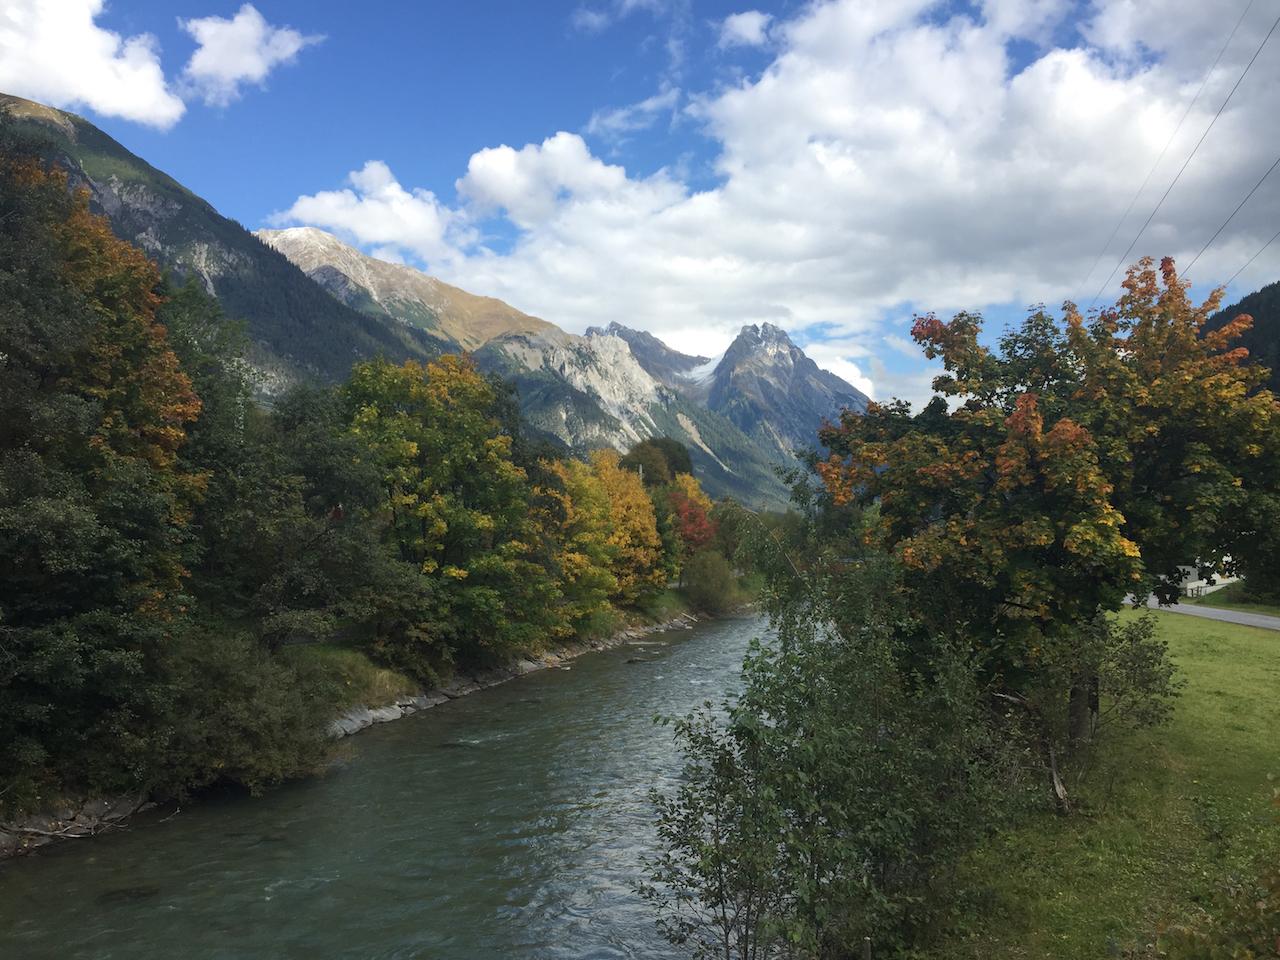 Kayak-School-Austria-Summer-Autumn